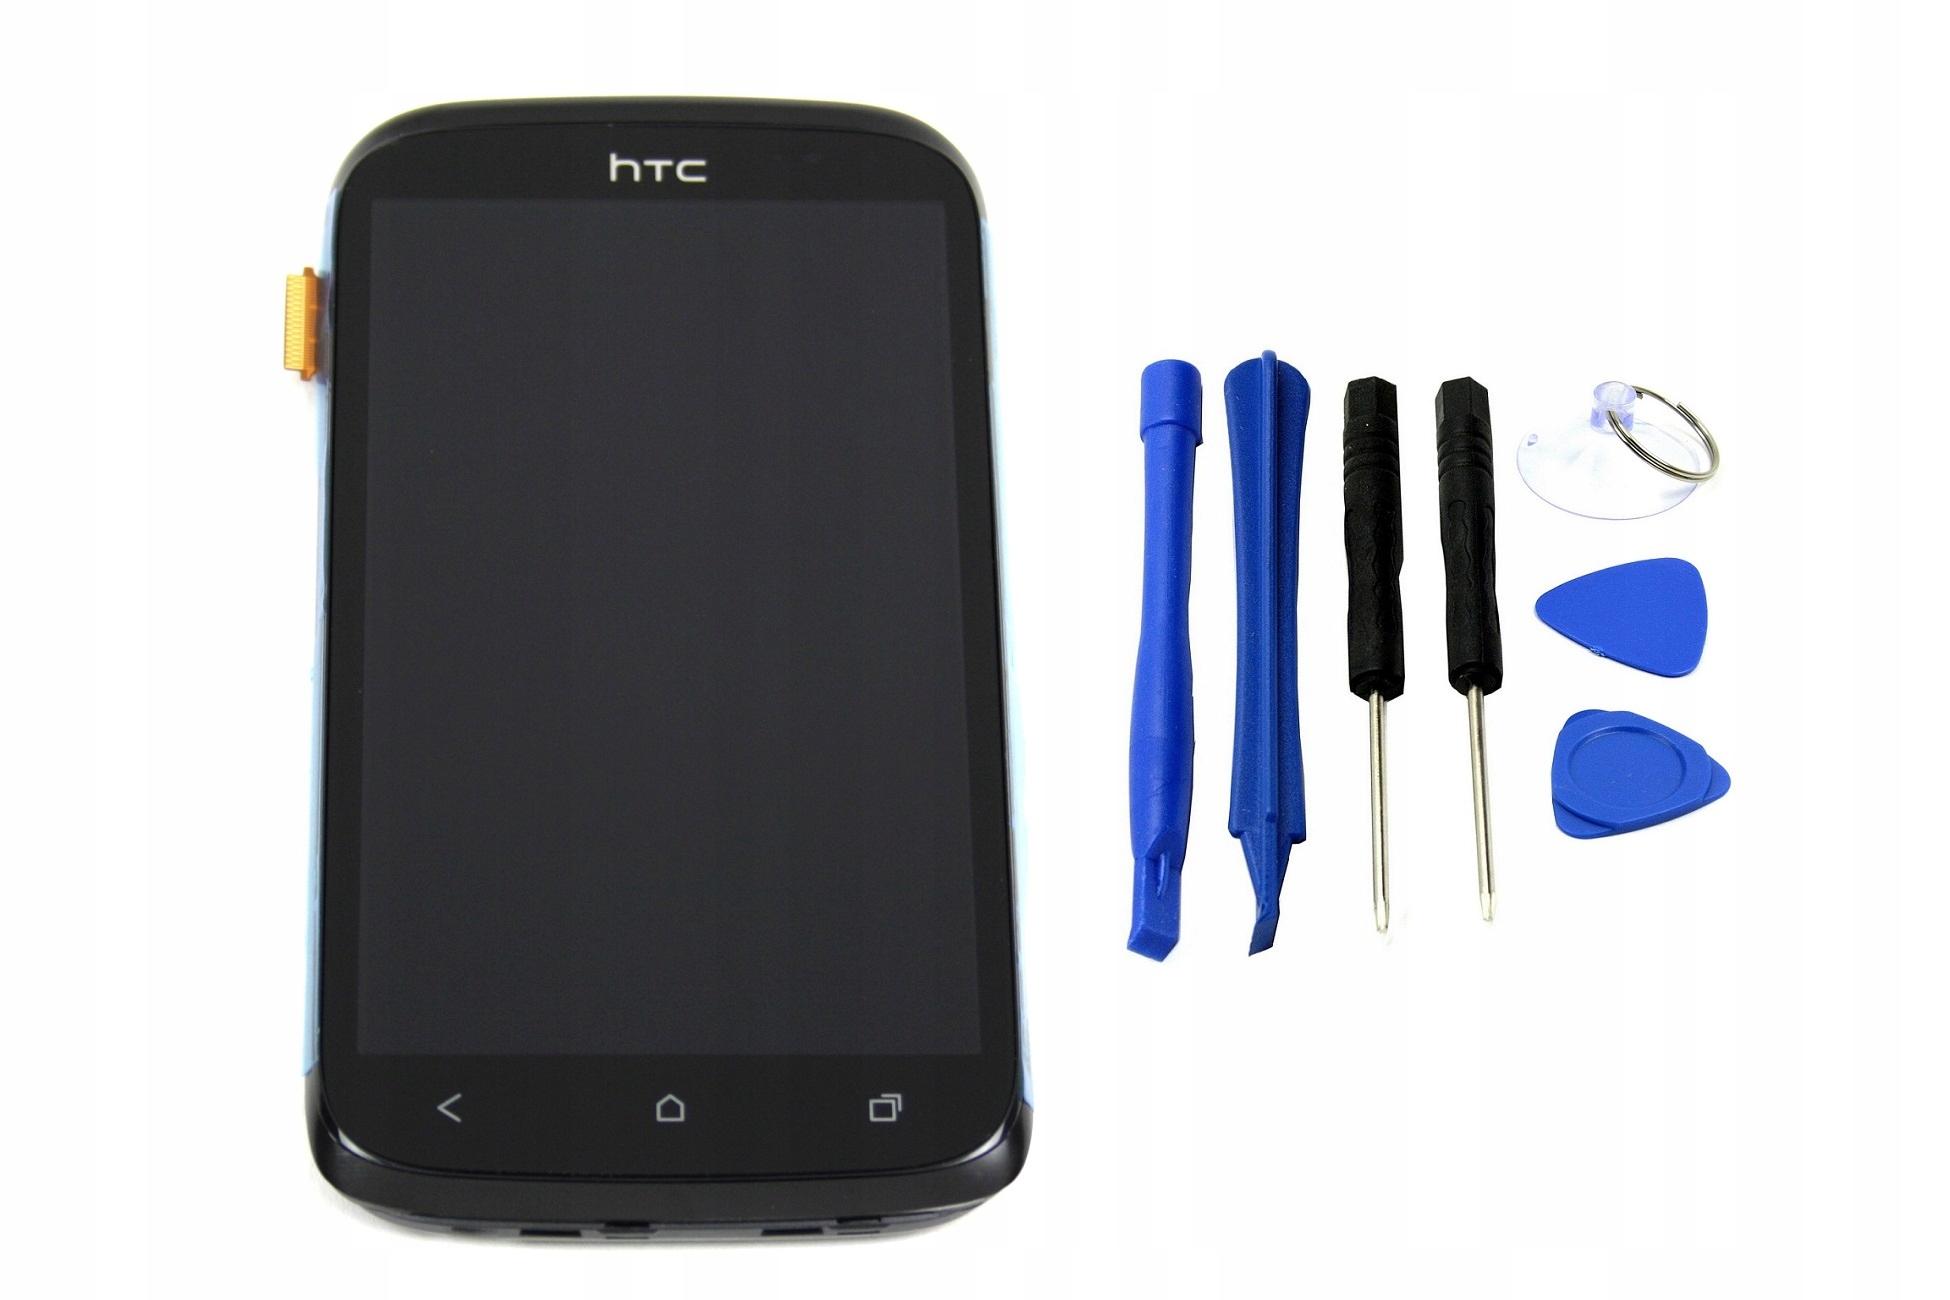 WYŚWIETLACZ EKRAN DOTYK HTC DESIRE X LCD SZYBKA